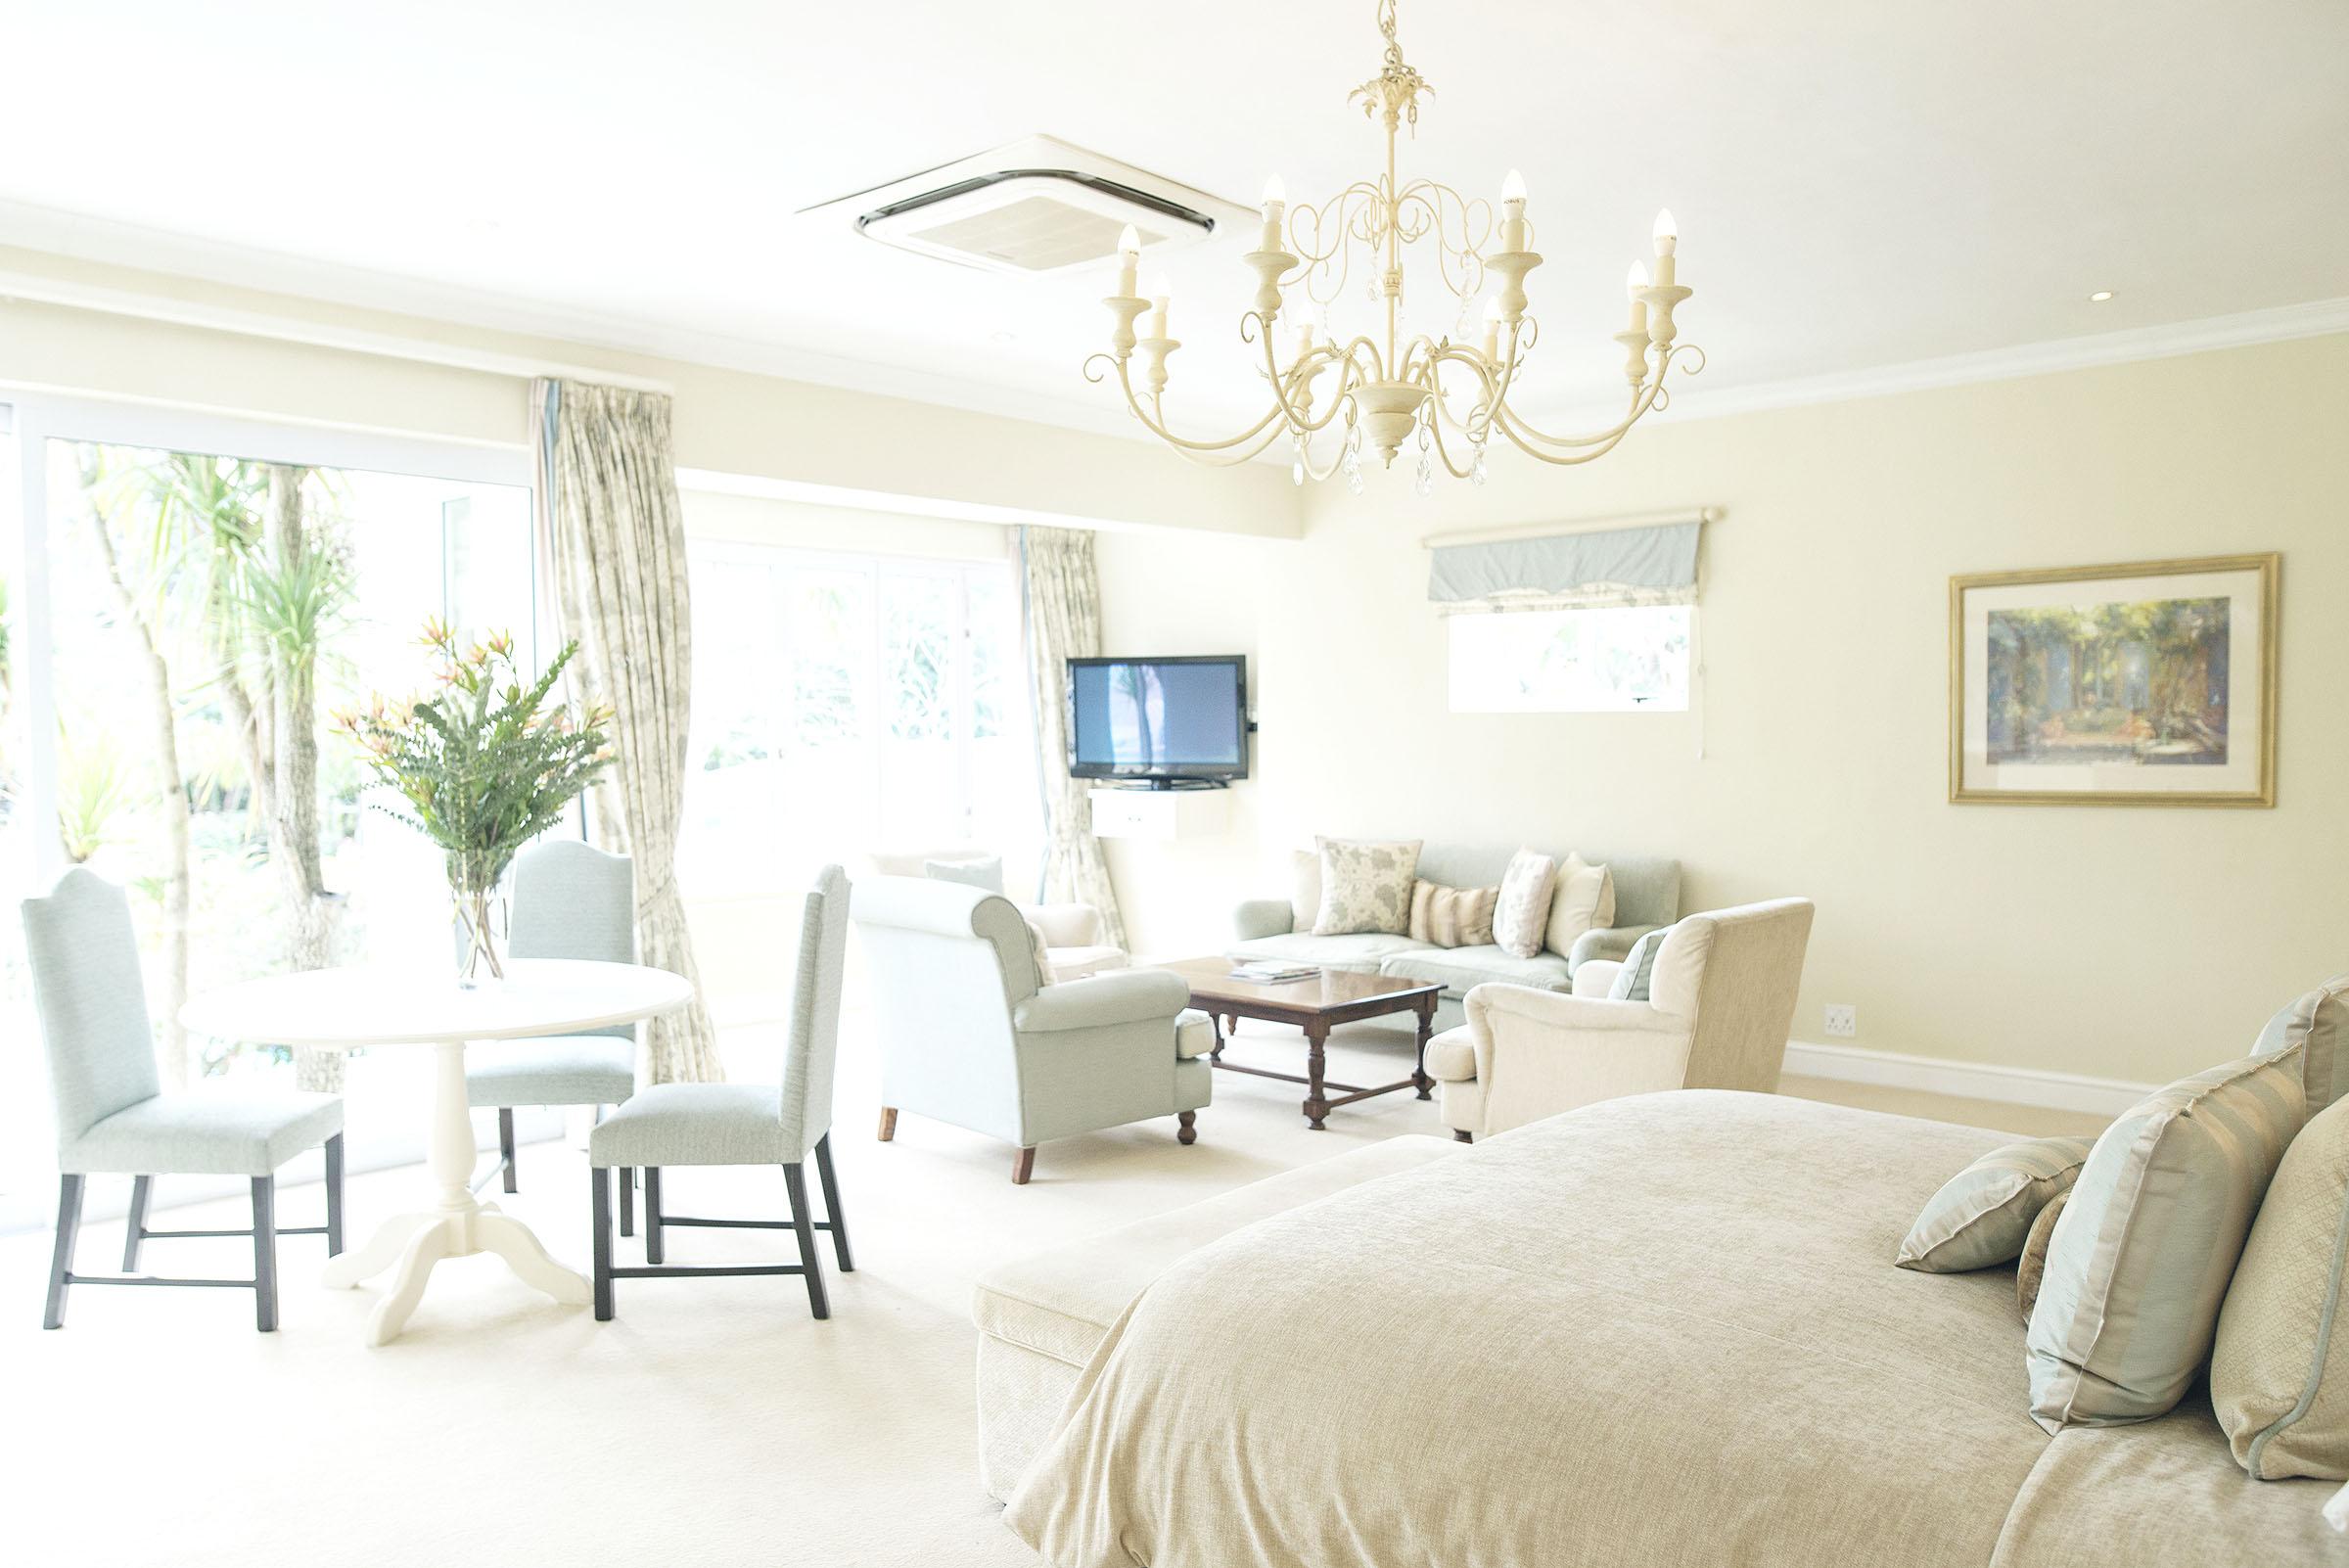 constantia-room8-elegant-suite-00017.jpg